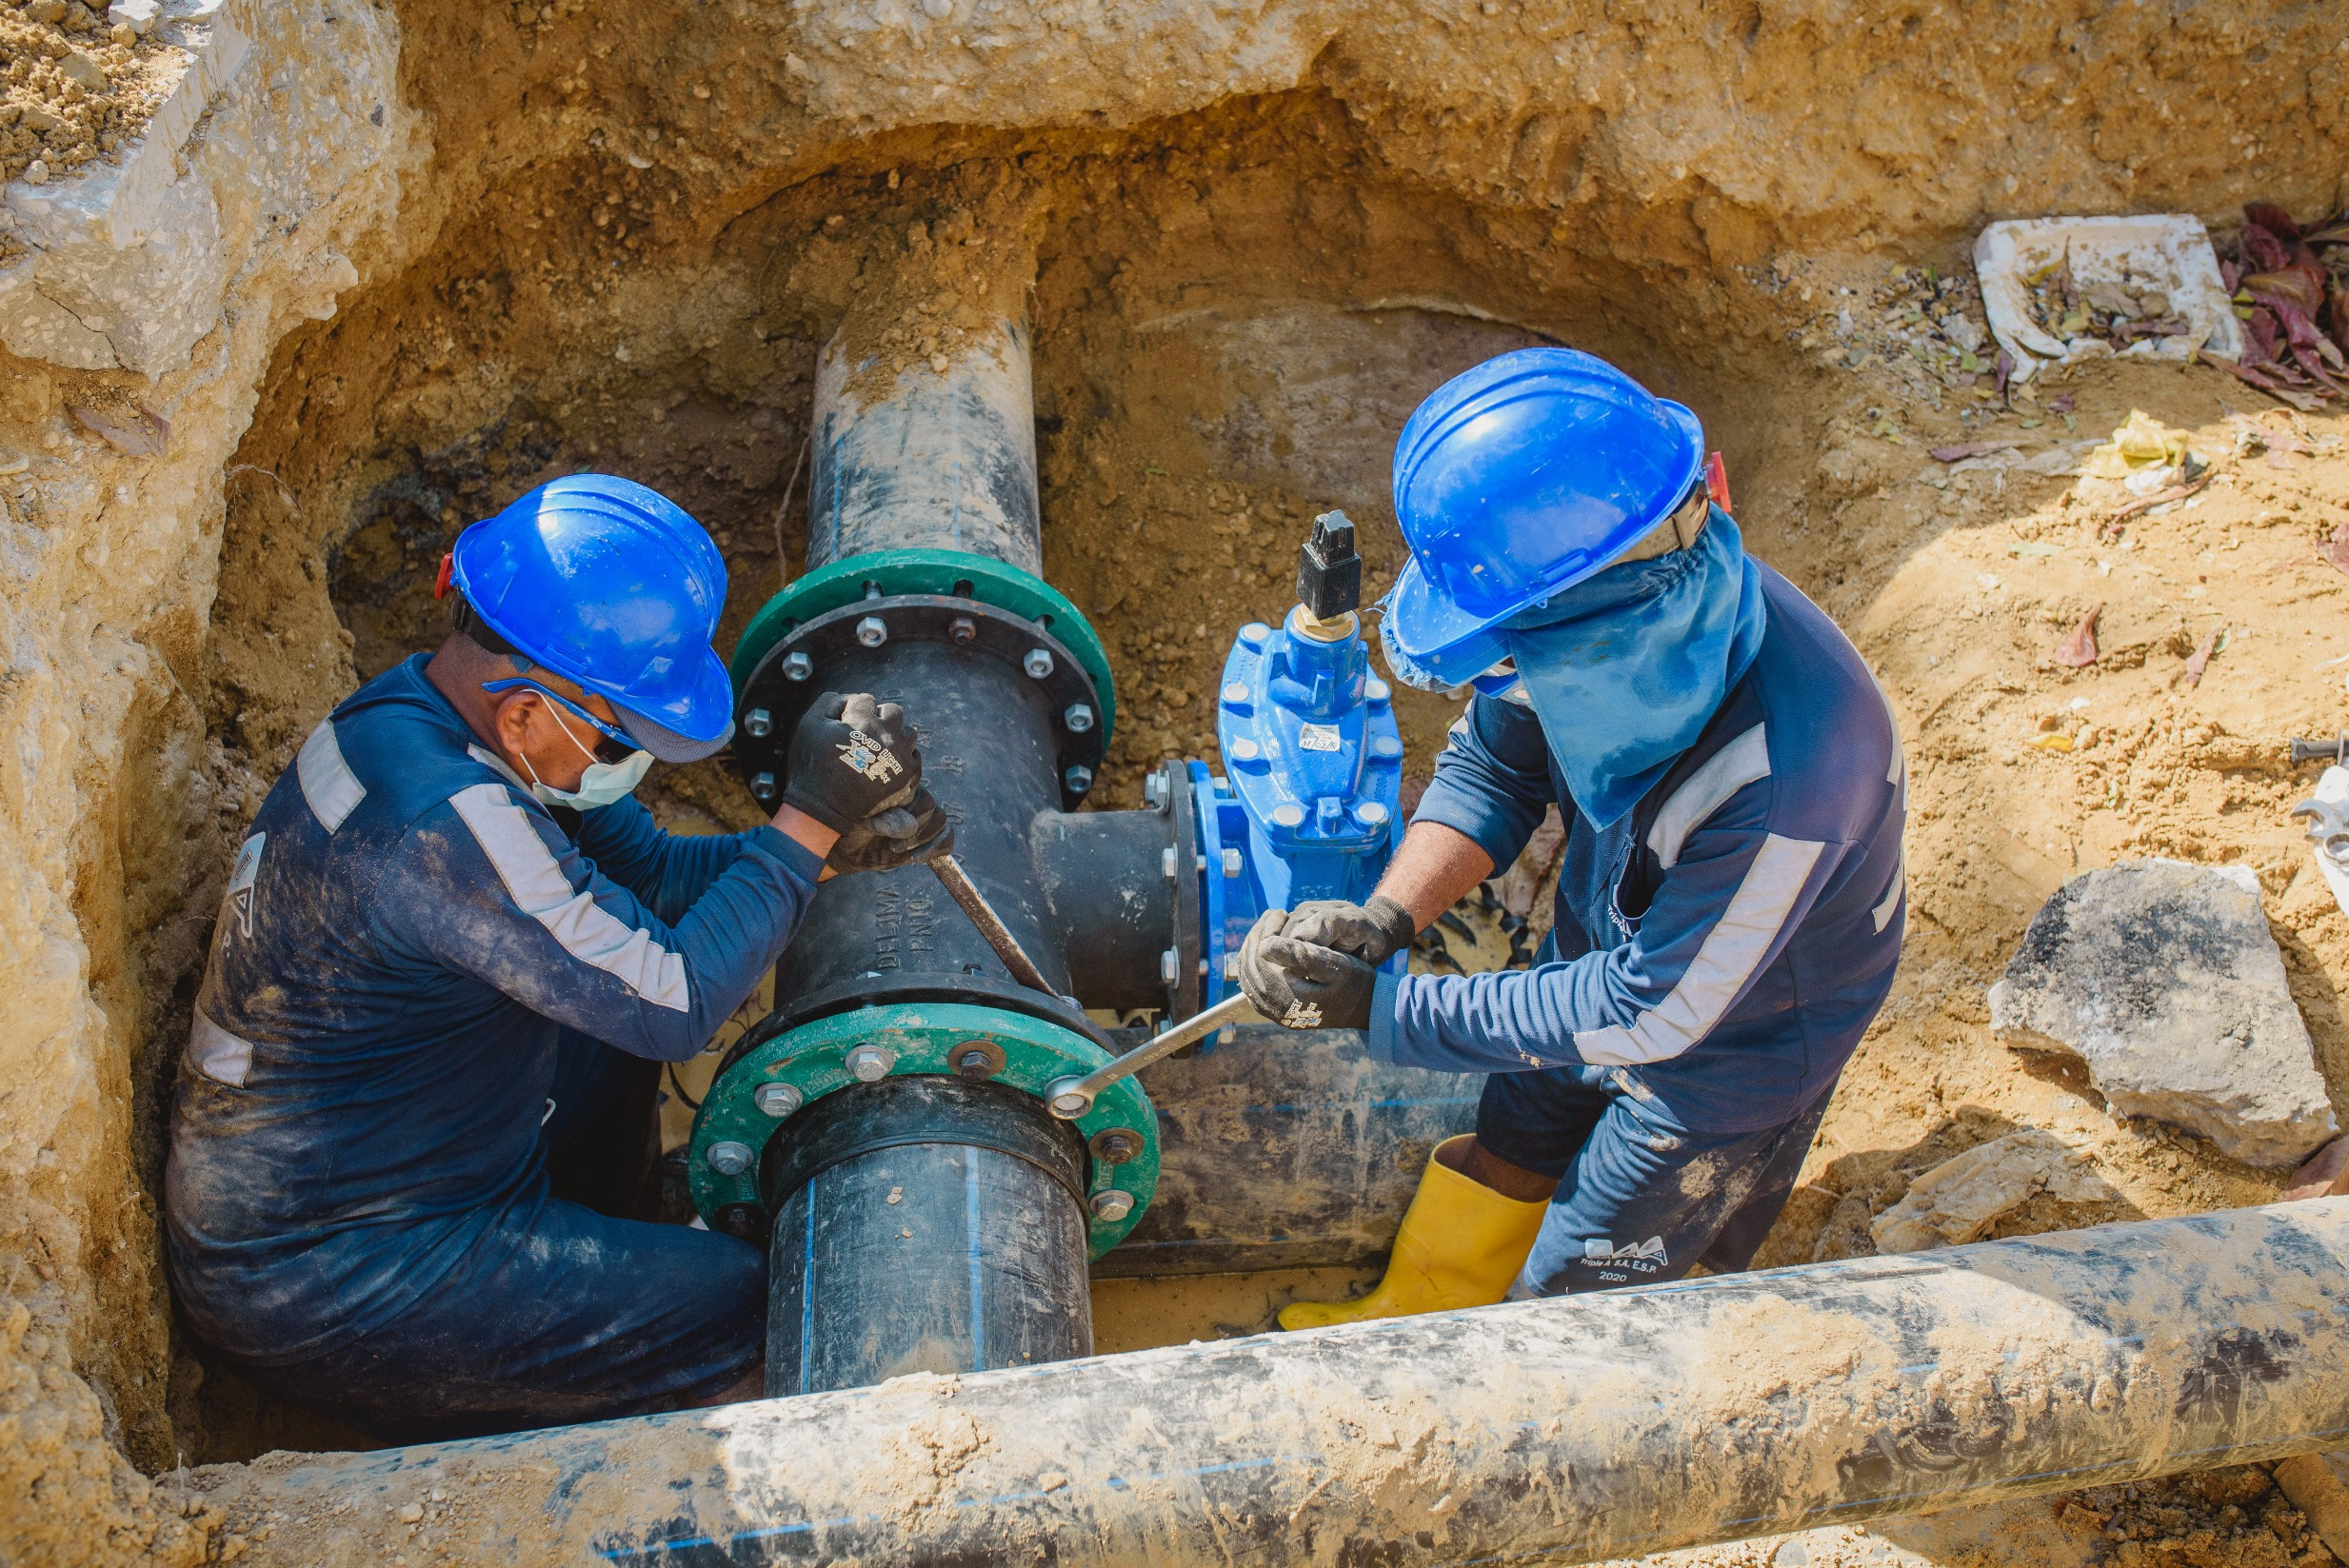 En sectores de Barranquilla se suspenderá el servicio de agua por mantenimiento de redes e infraestructura del servicio de acueducto, anuncia Triple A – @SomosTripleA